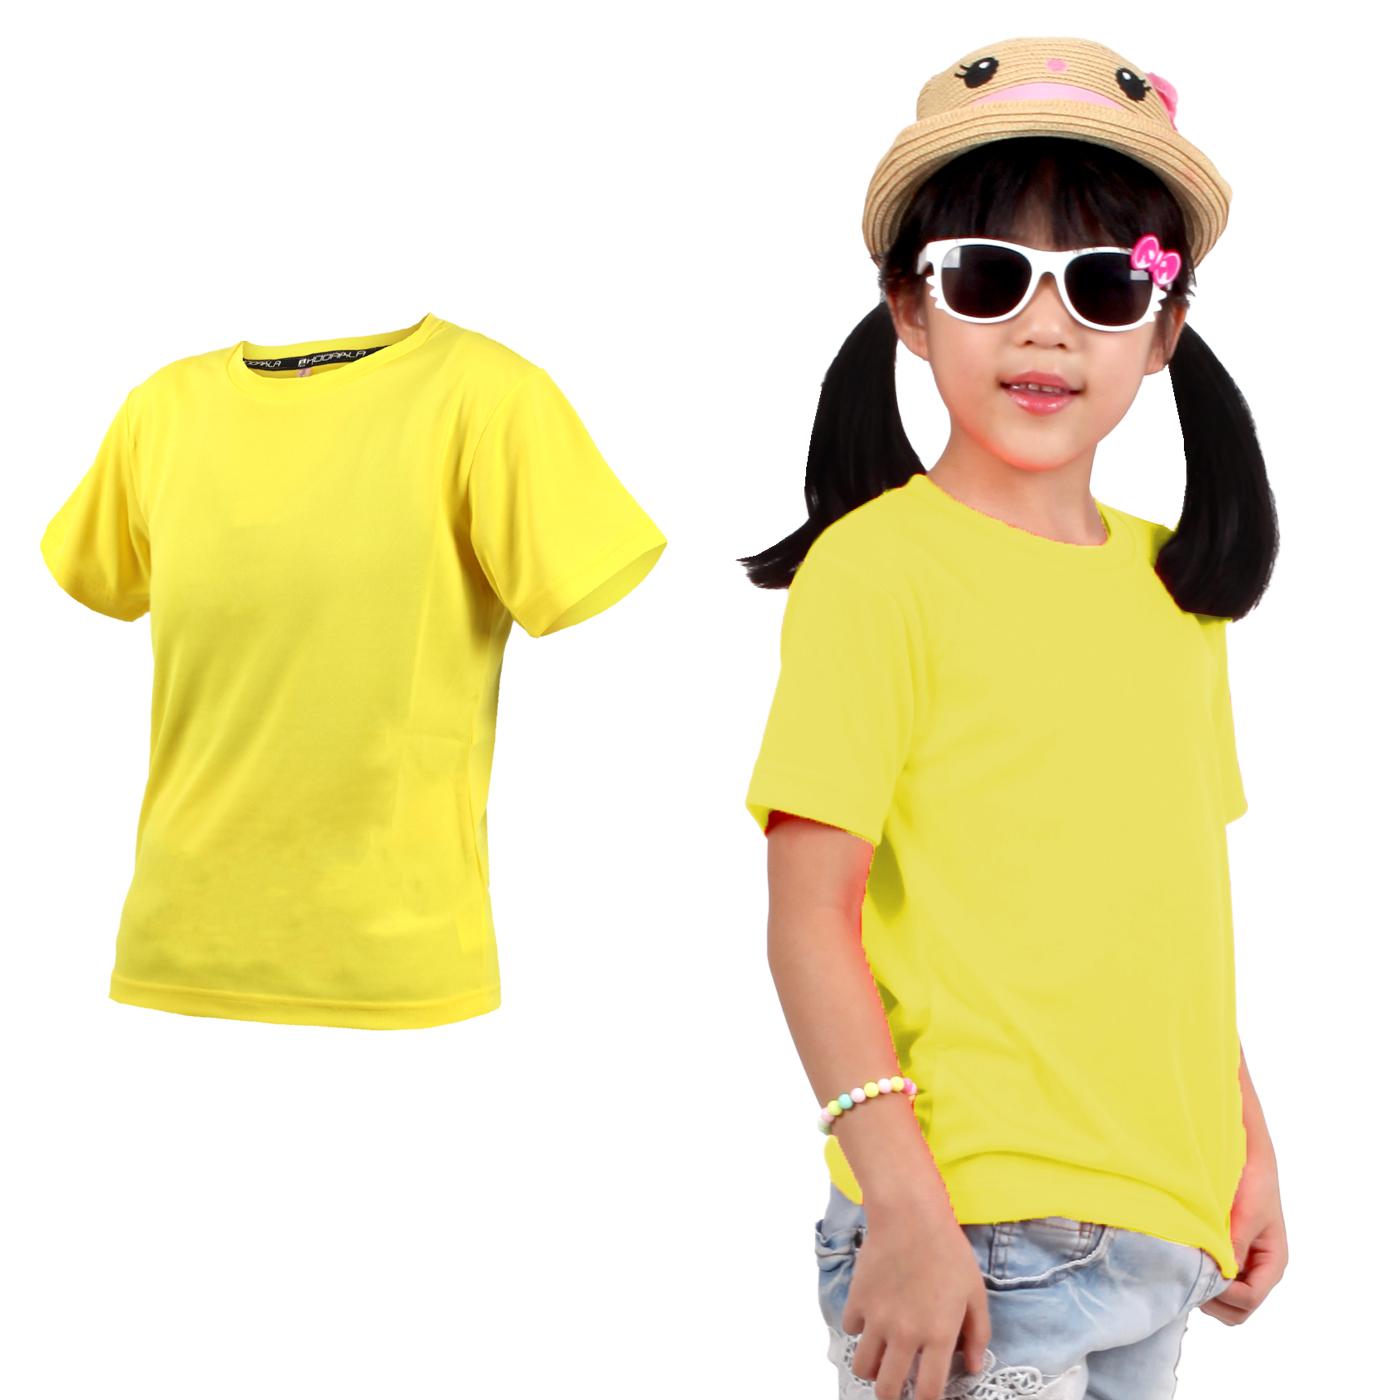 HODARLA 童裝FLARE 100 吸濕排汗衫 3135902 - 黃